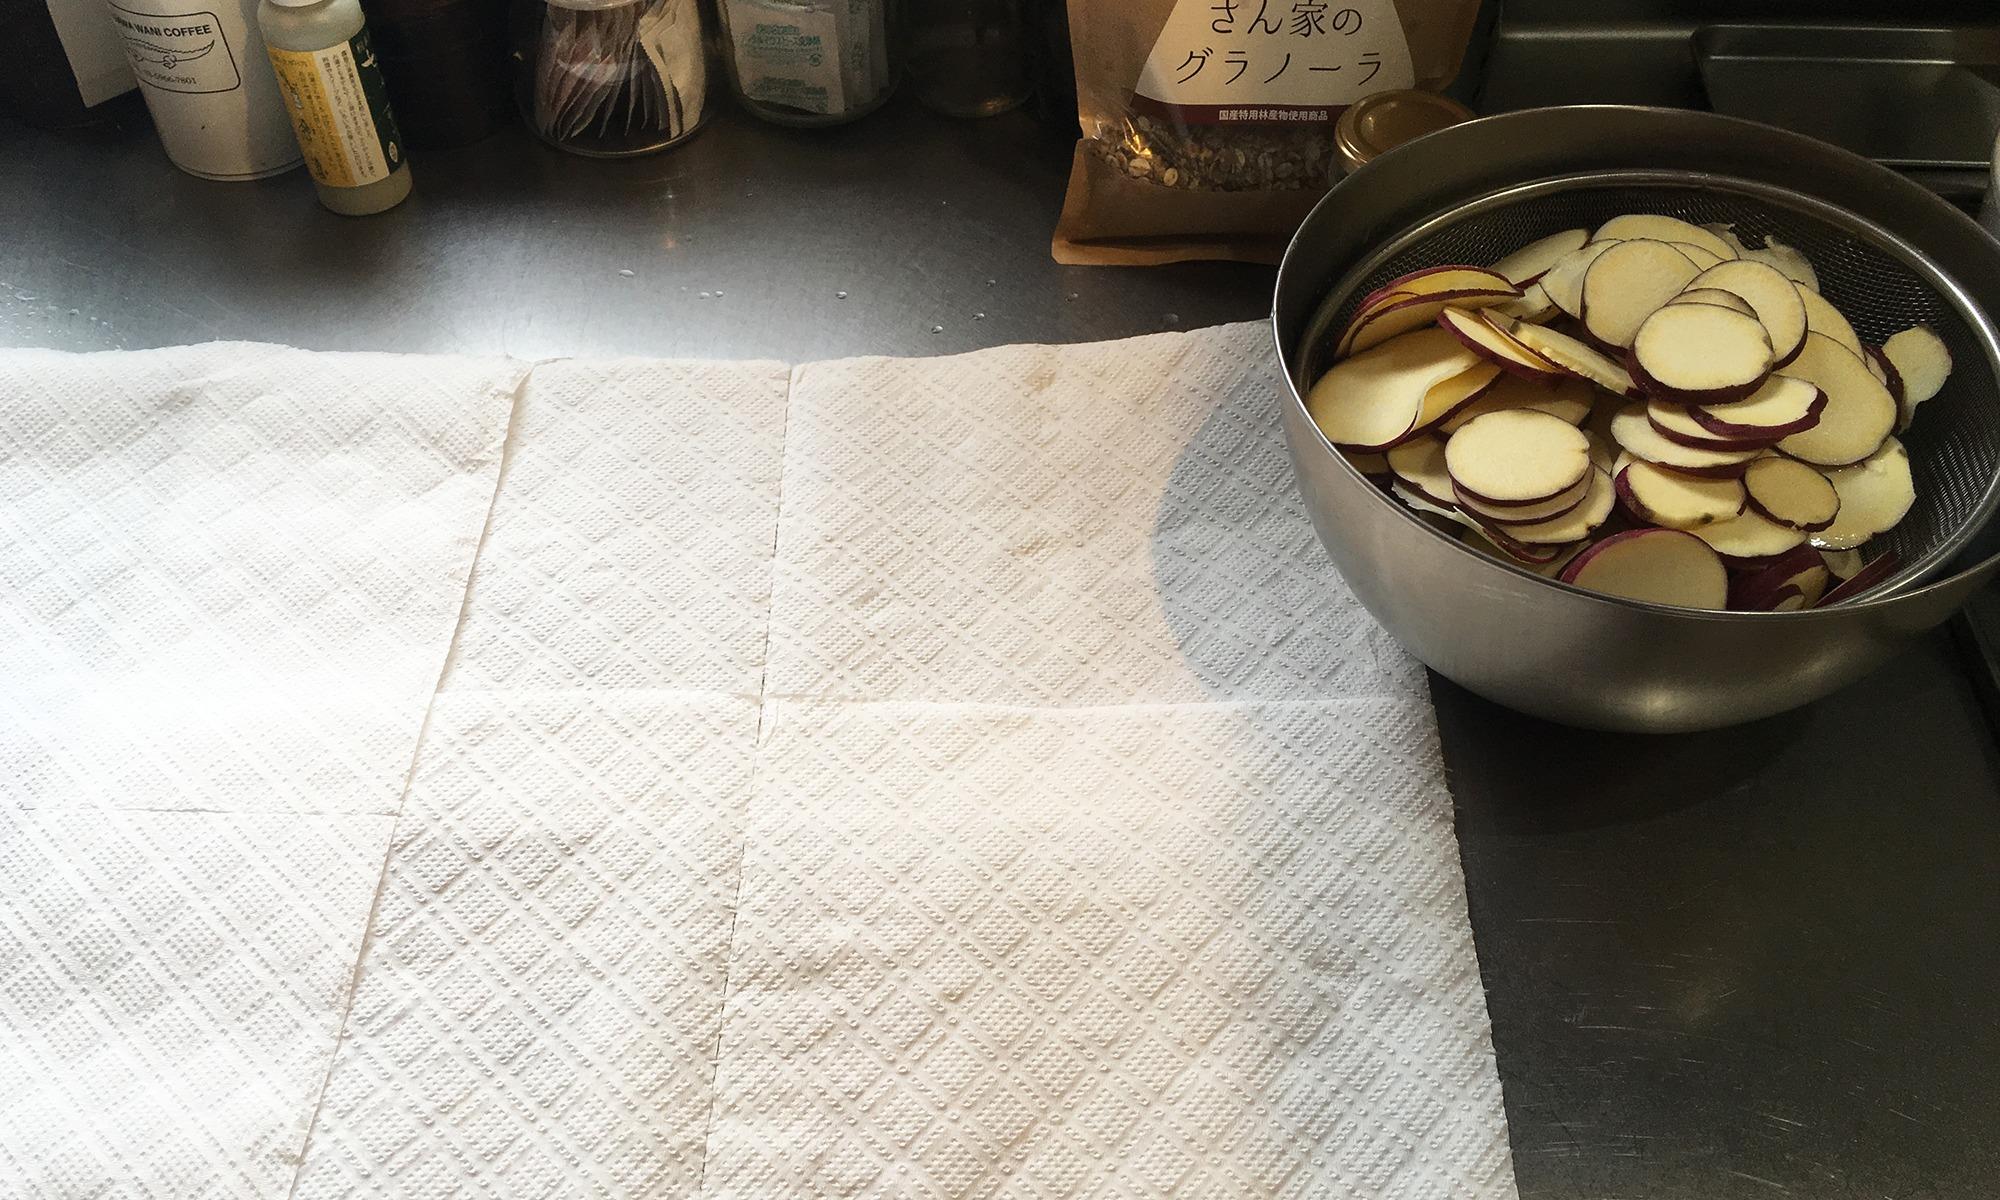 薩摩芋「ある日のおやつ」パート1